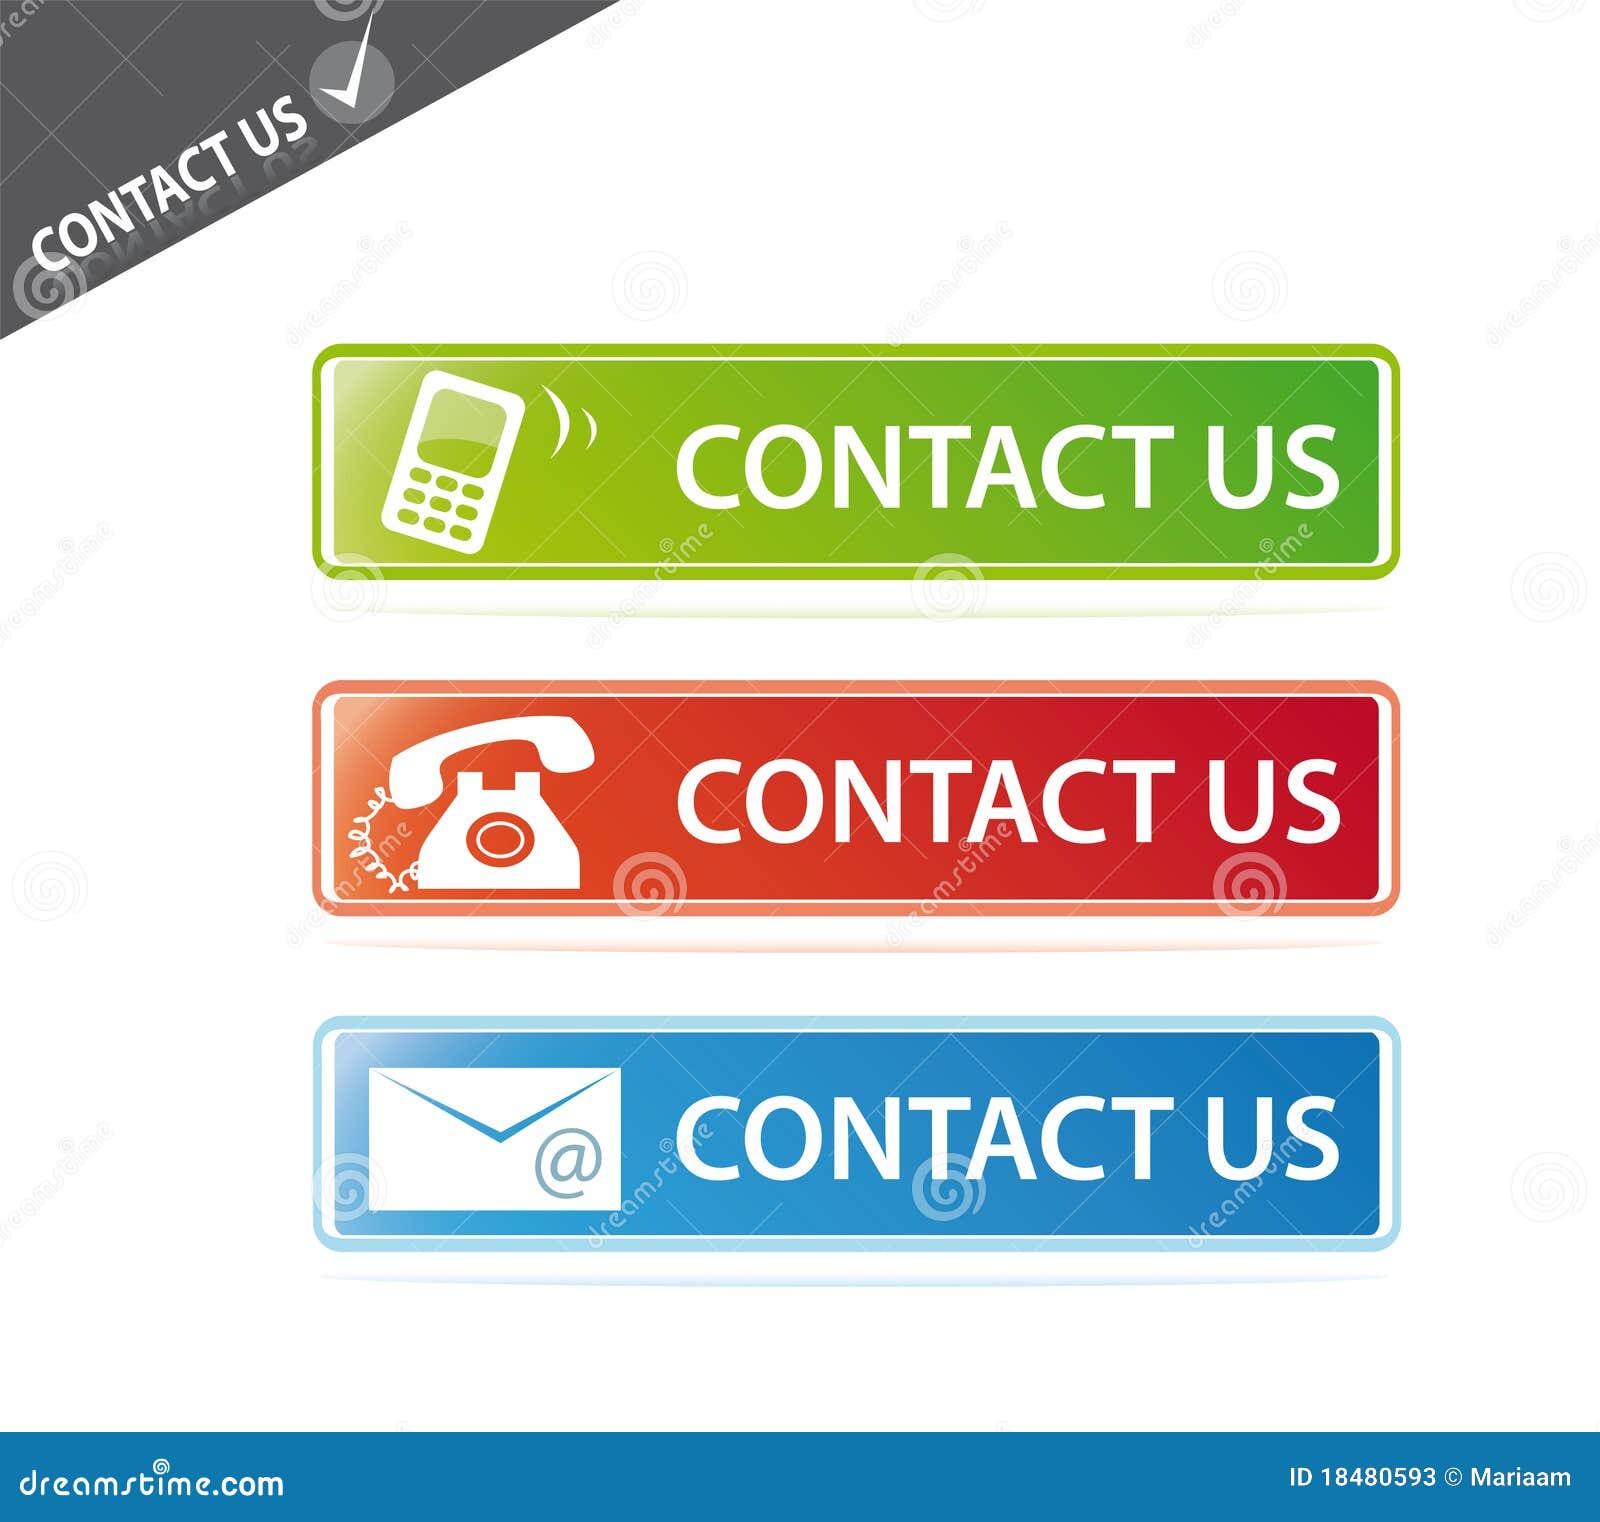 Contact Us: Contact Us Website Buttons Stock Photos